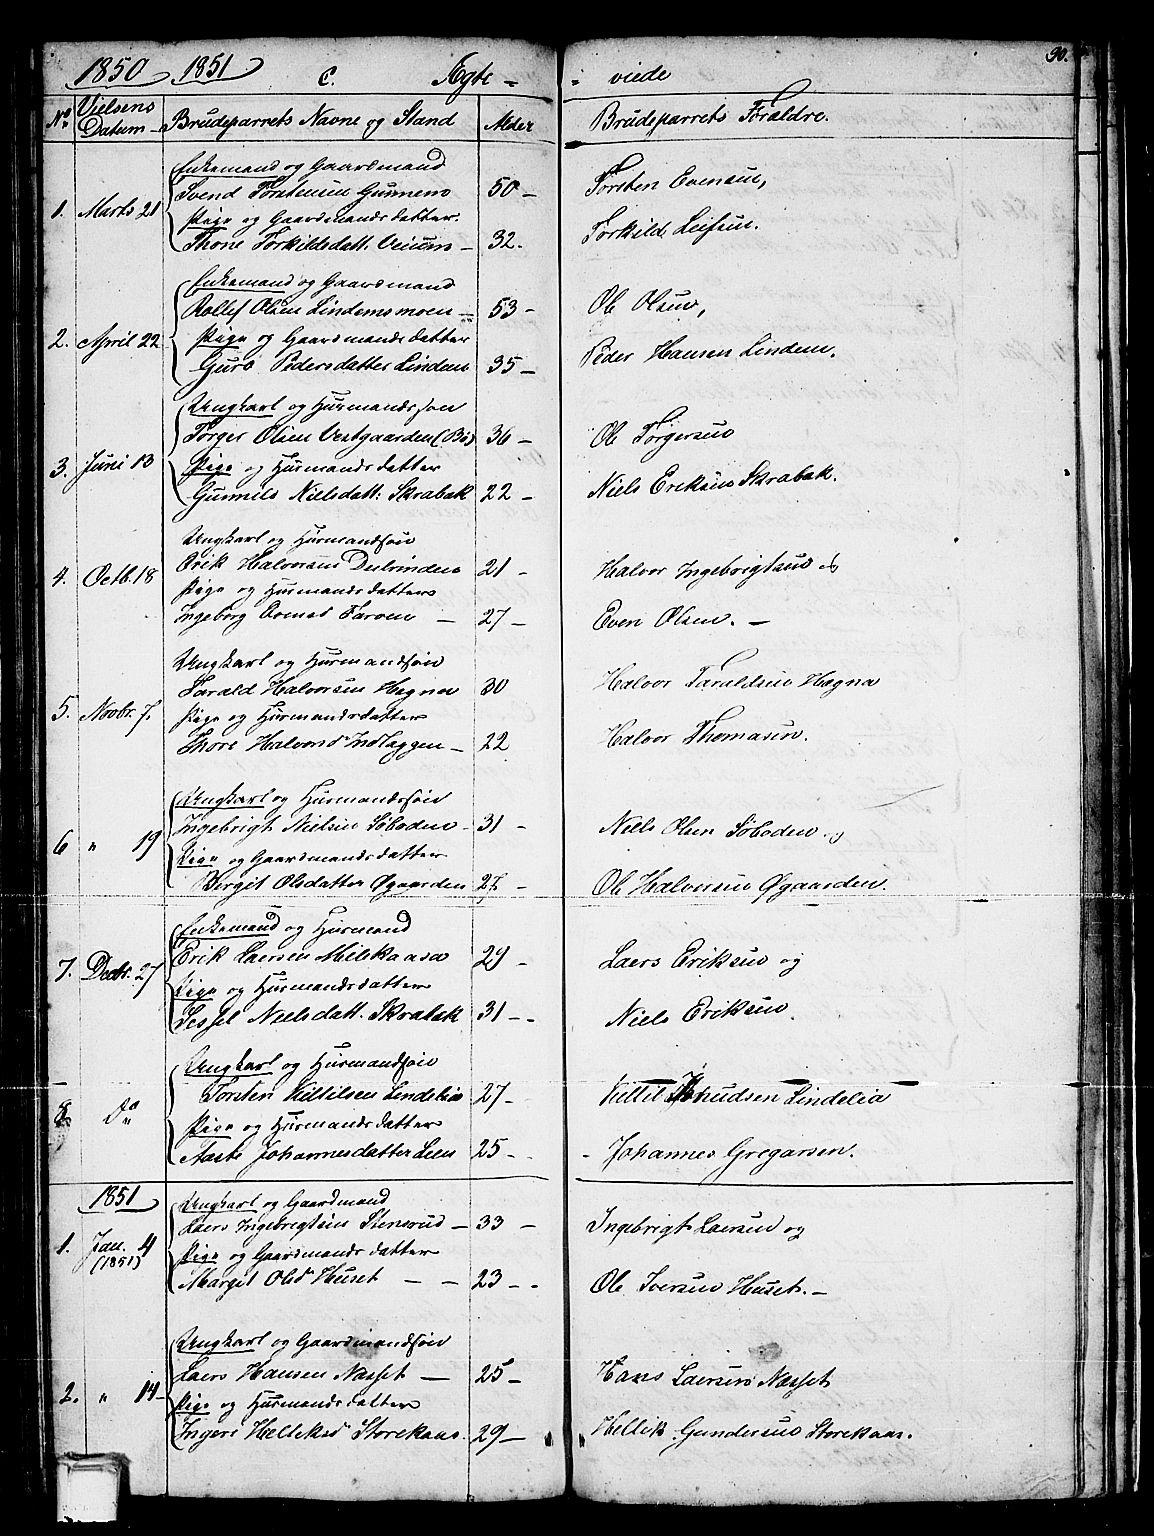 SAKO, Sauherad kirkebøker, G/Gb/L0001: Klokkerbok nr. II 1, 1845-1865, s. 90